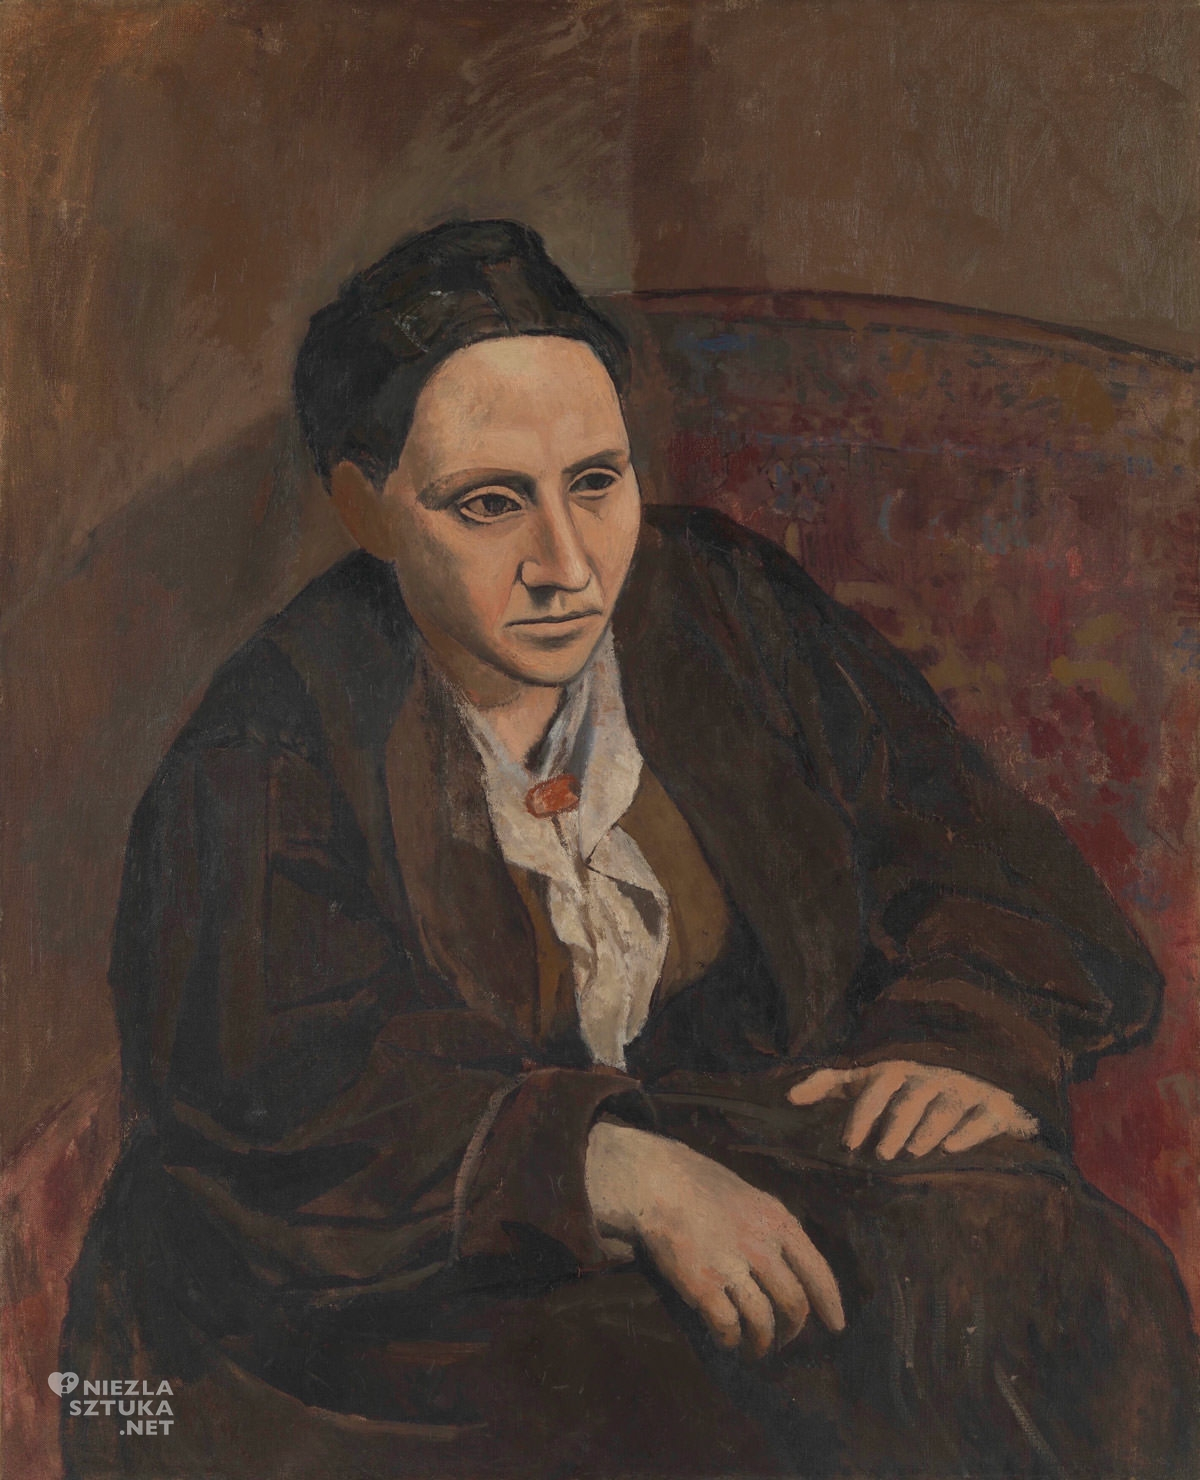 Pablo Picasso, Gertruda Stein,Gertrude Stein, Niezła sztuka